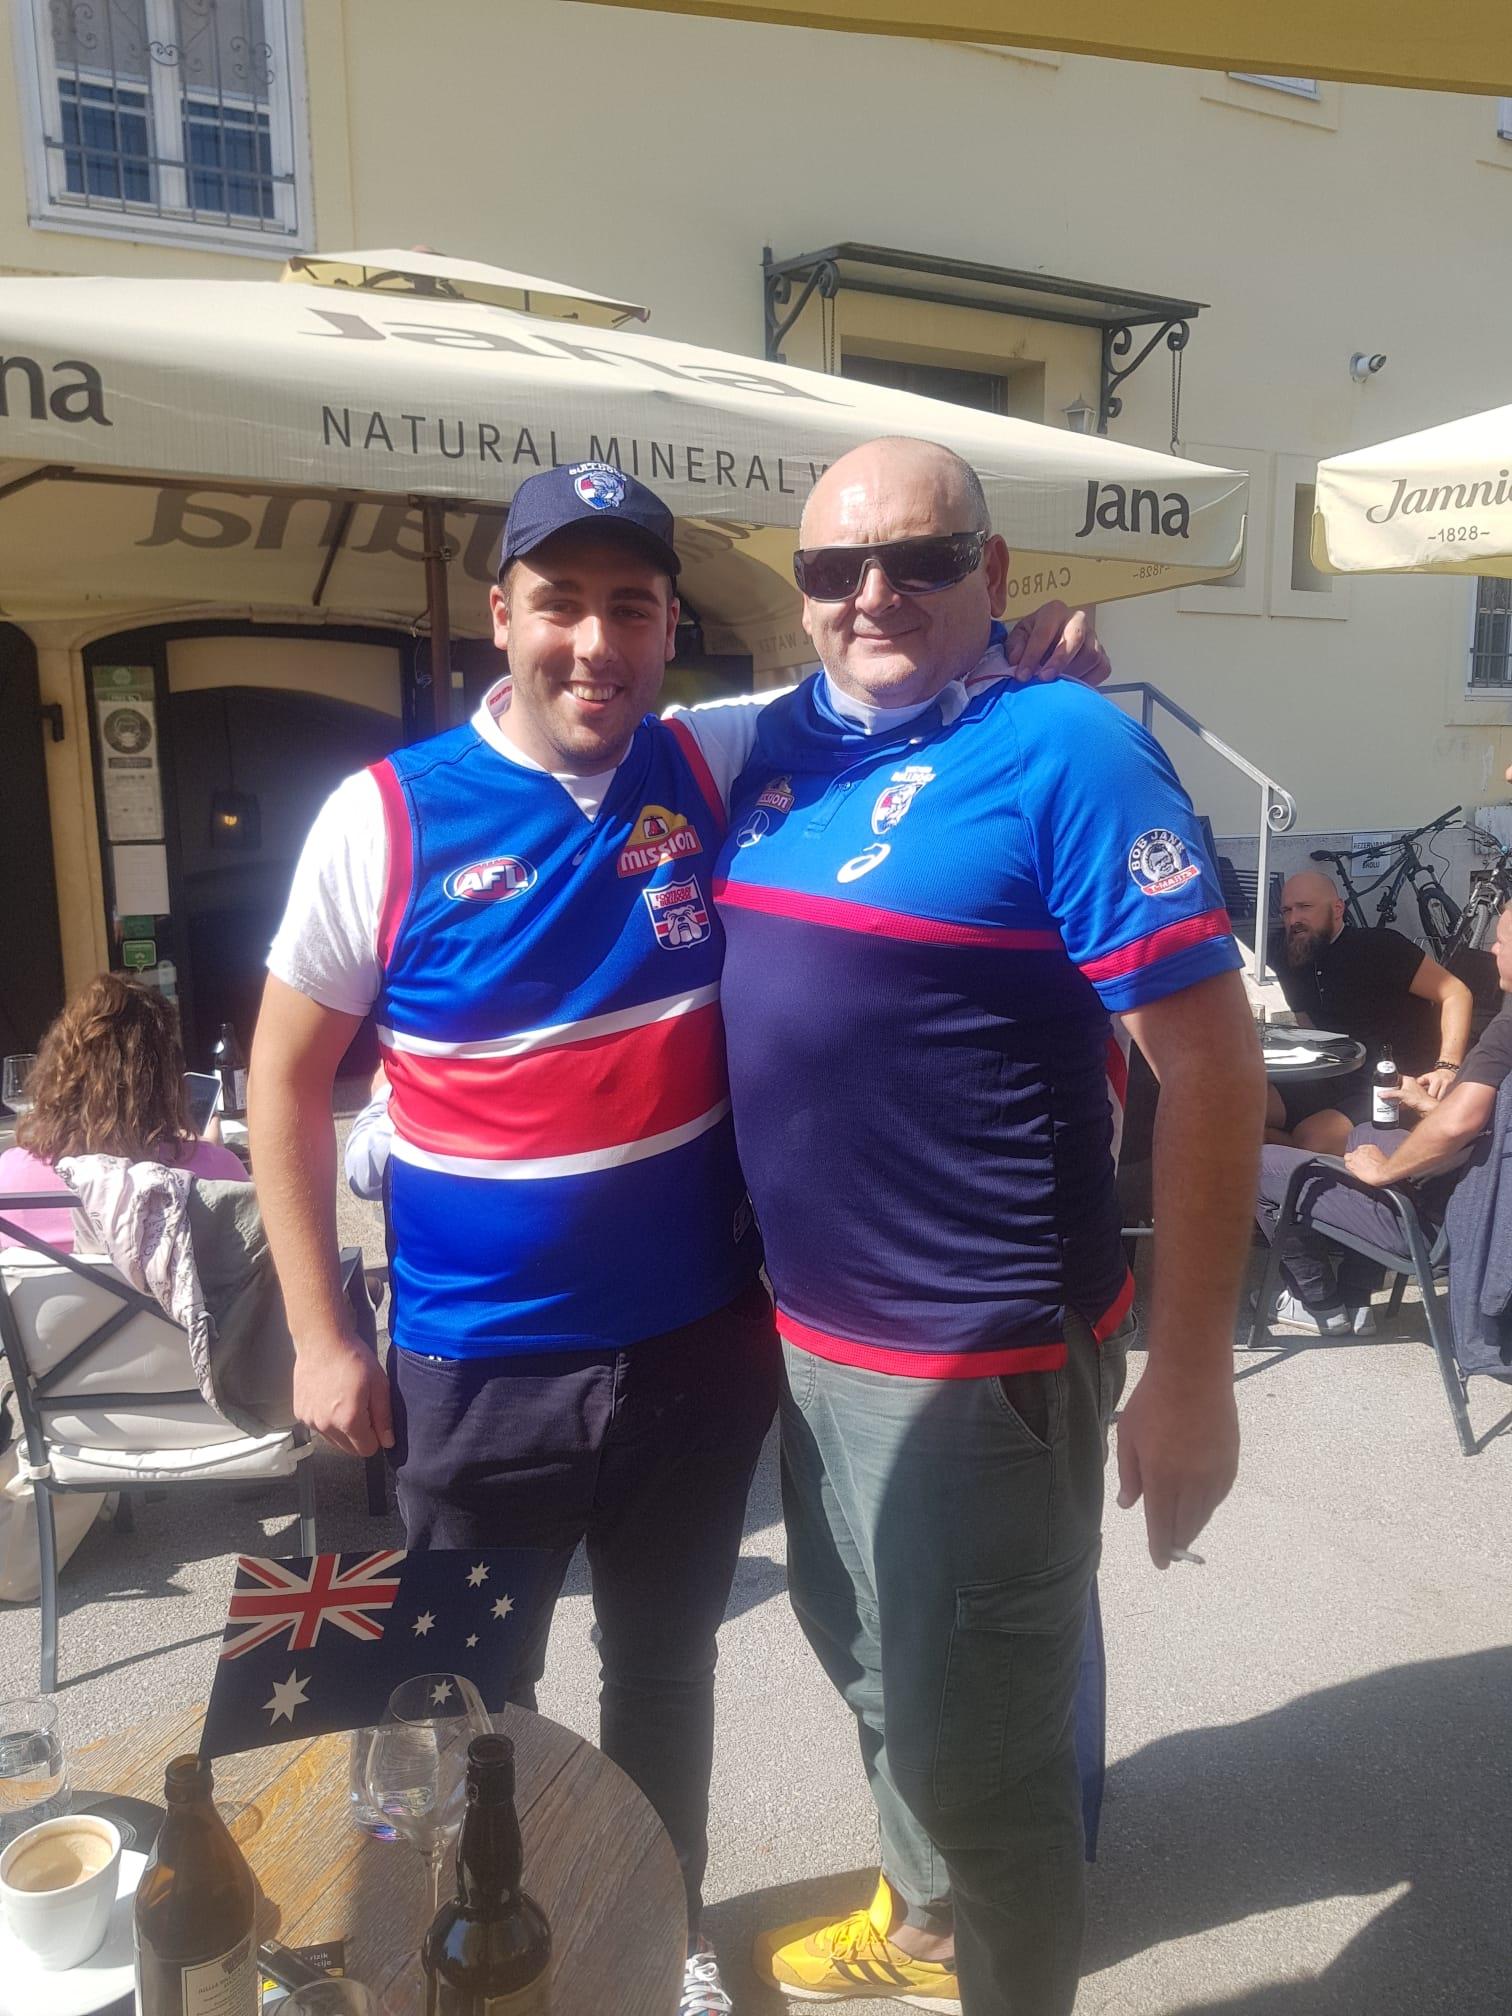 Enjoying the AFL Grand Final in Croatia